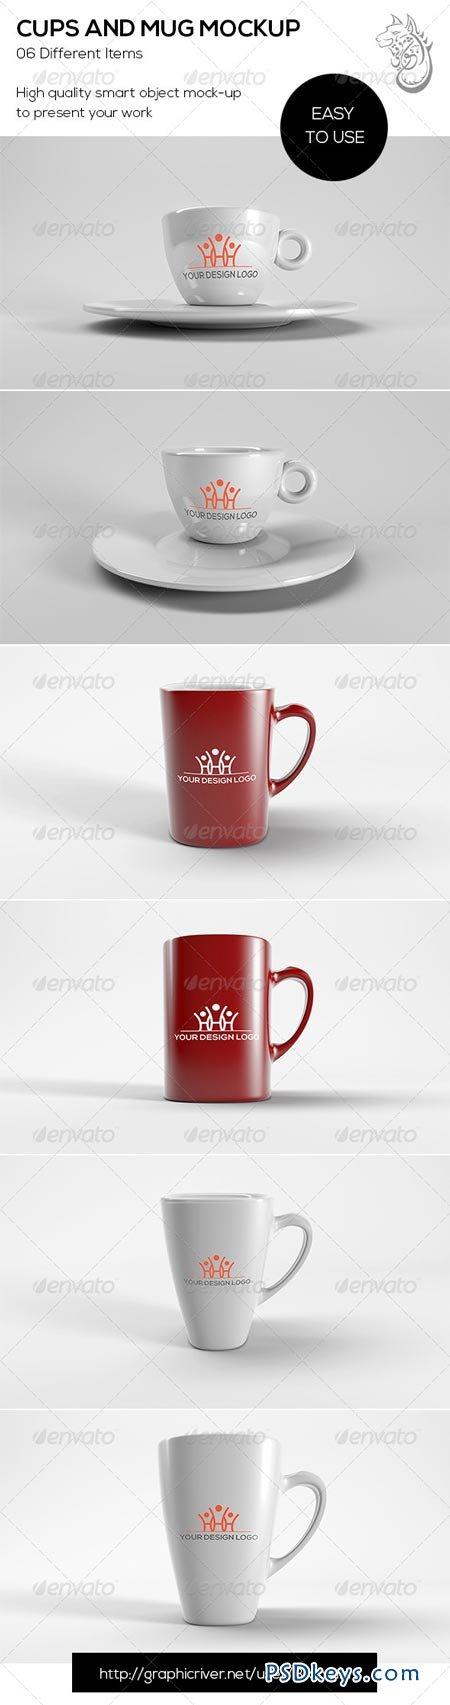 Cups And Mug Mockup 8683470